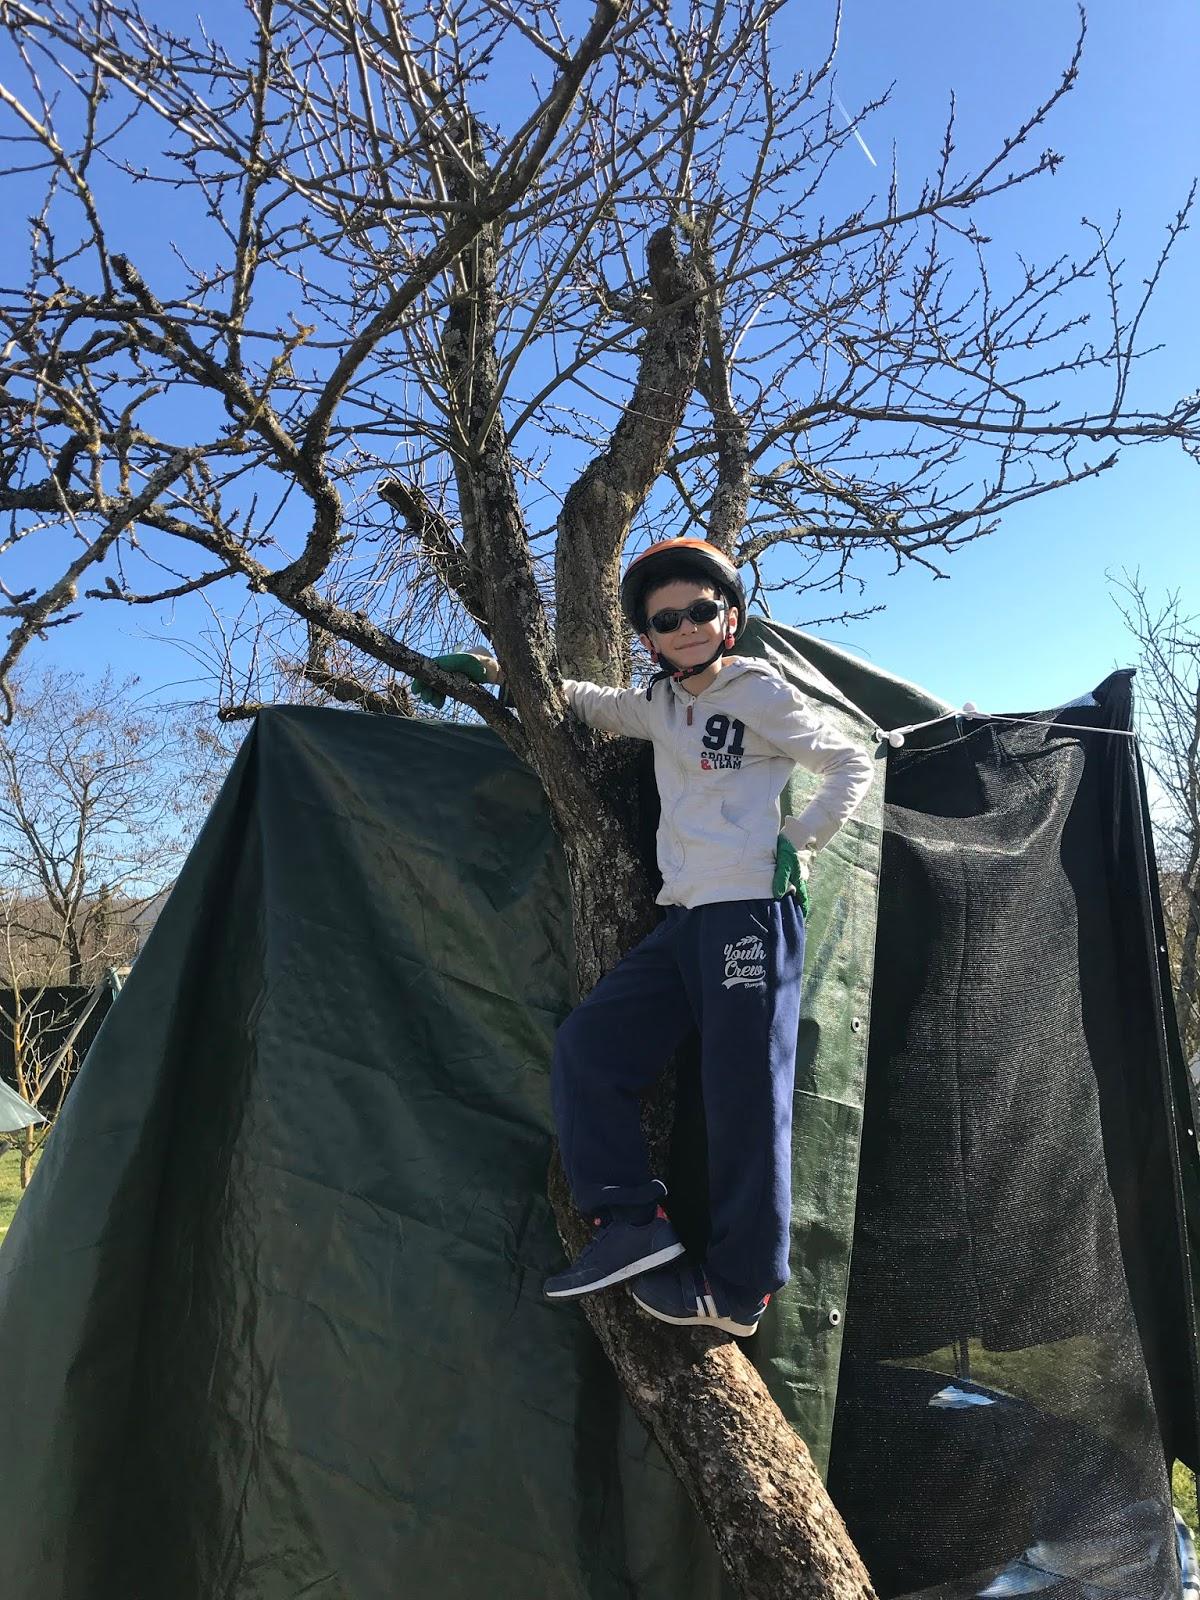 protections pour monter dans les arbres